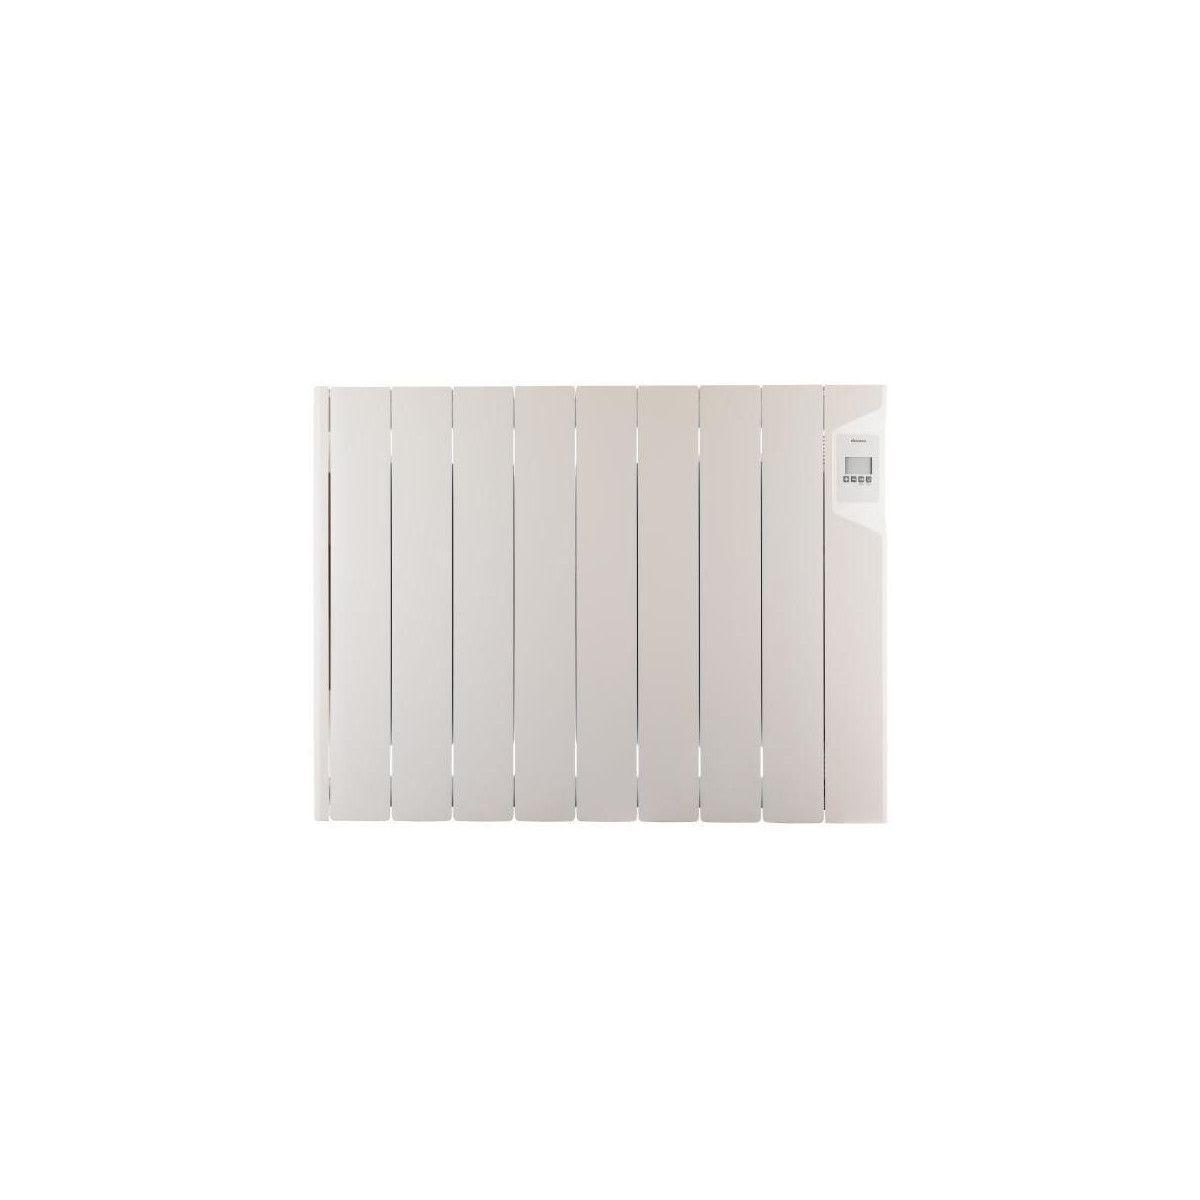 Ducasa Radiateur Electrique Mural-serie Avant-dgp-1800w-blanc Ducasa - 0.636.275